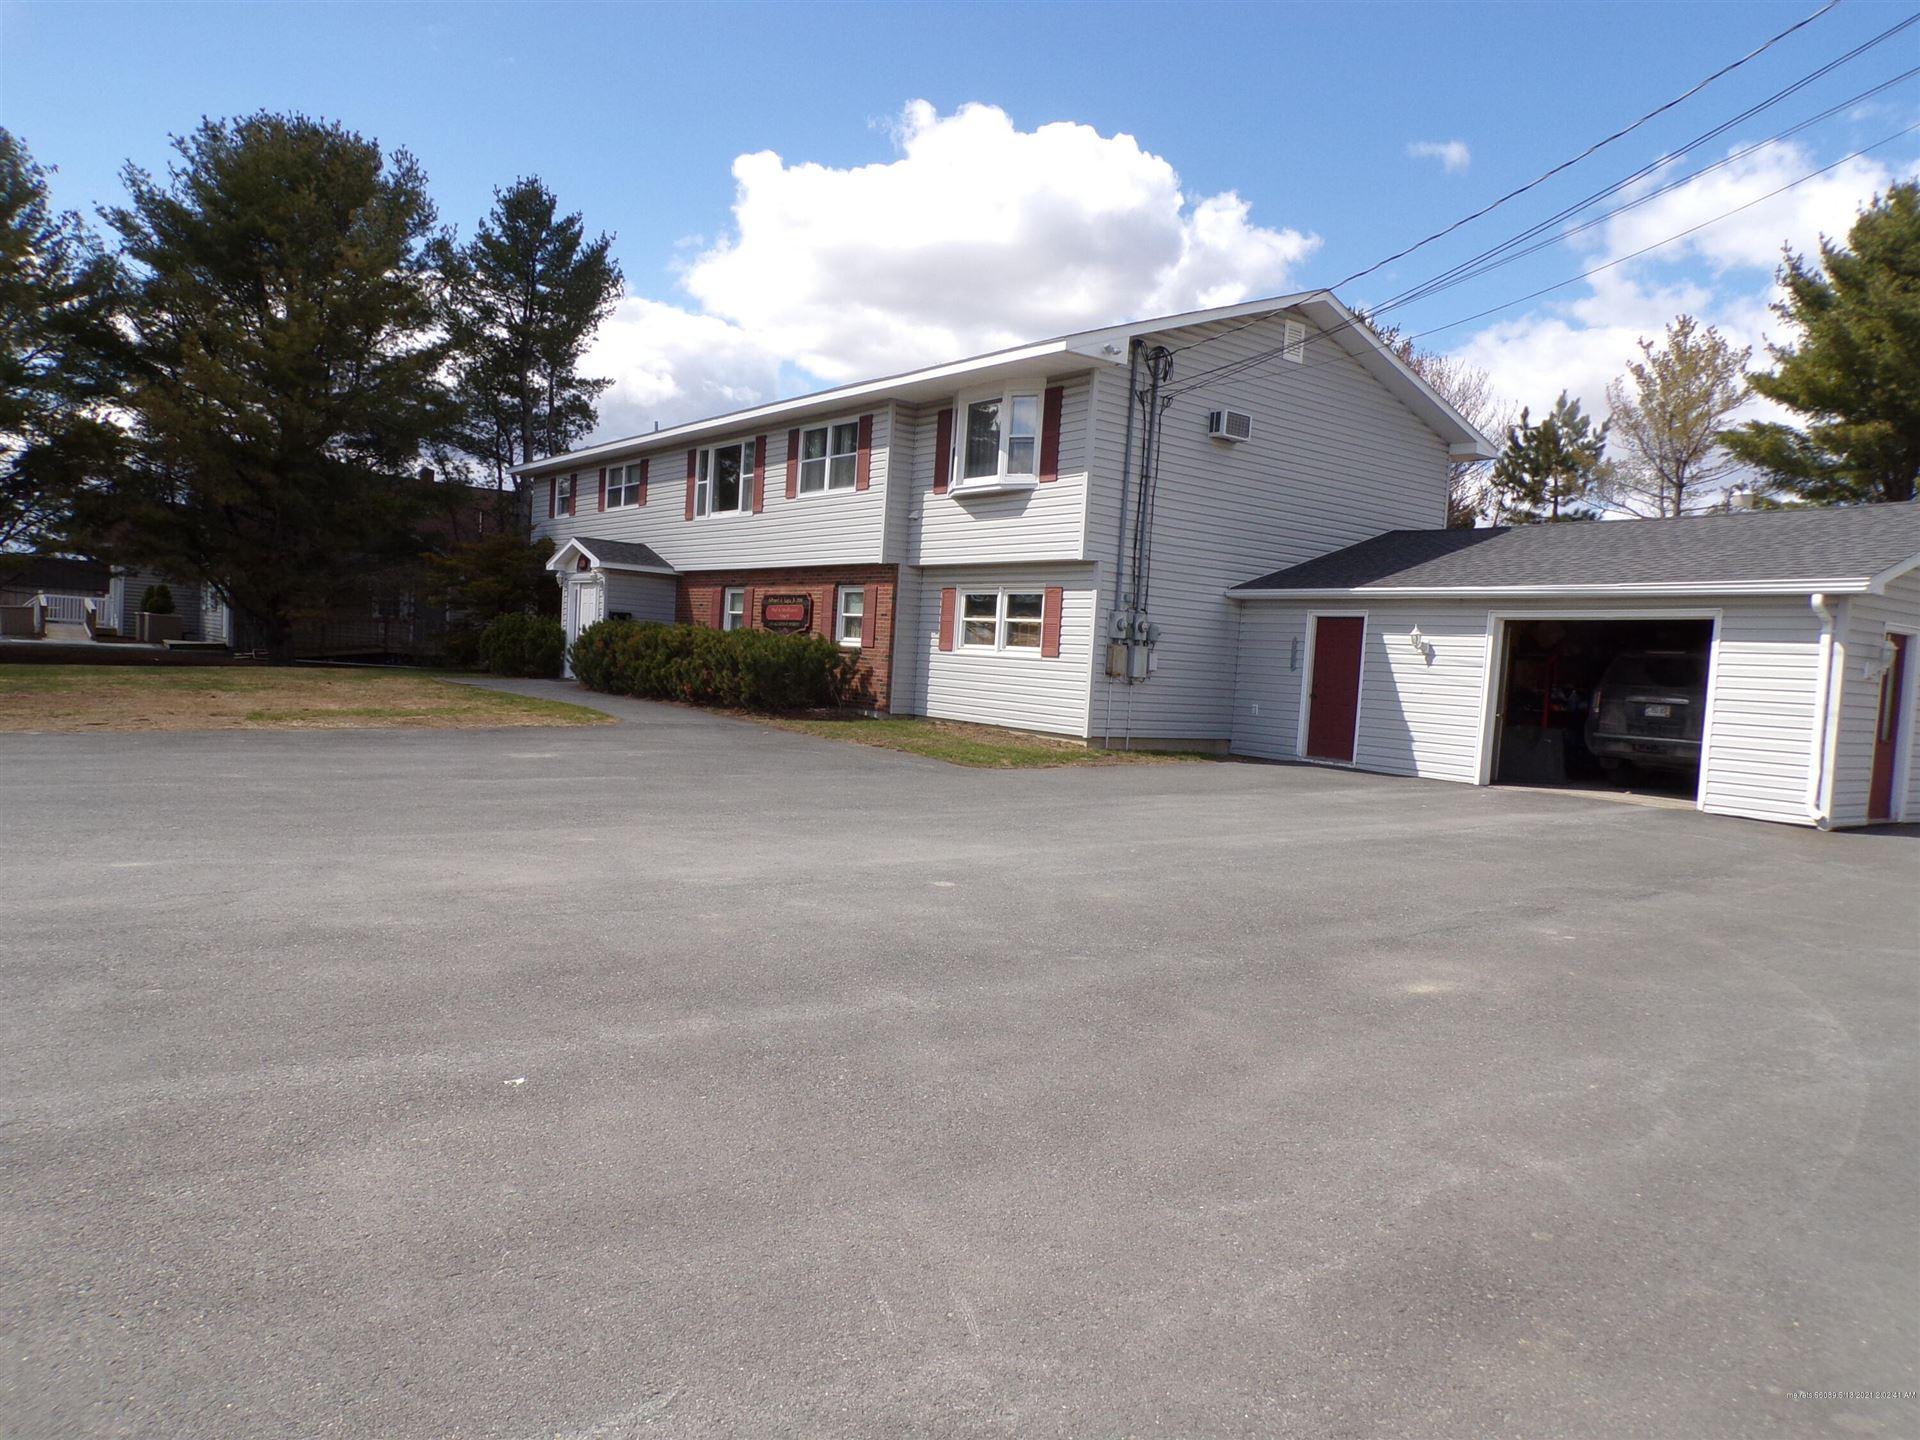 Photo of 175 Academy Street, Presque Isle, ME 04769 (MLS # 1489321)